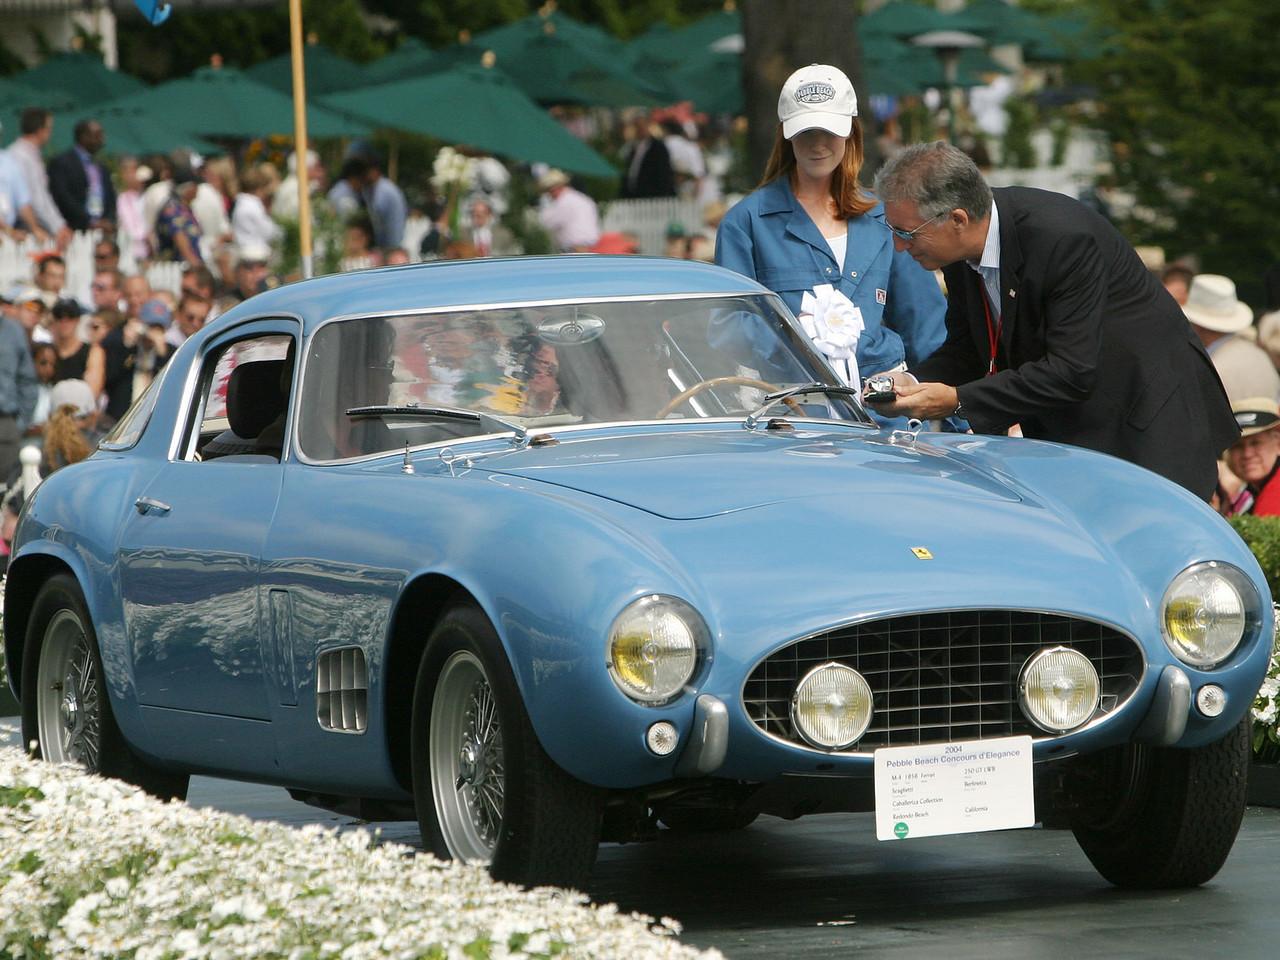 1956 Ferrari 250 GT LWB Scaglietti Berlinetta. 3rd Ferrari Major Race Winners.  Caballeriza Collection.